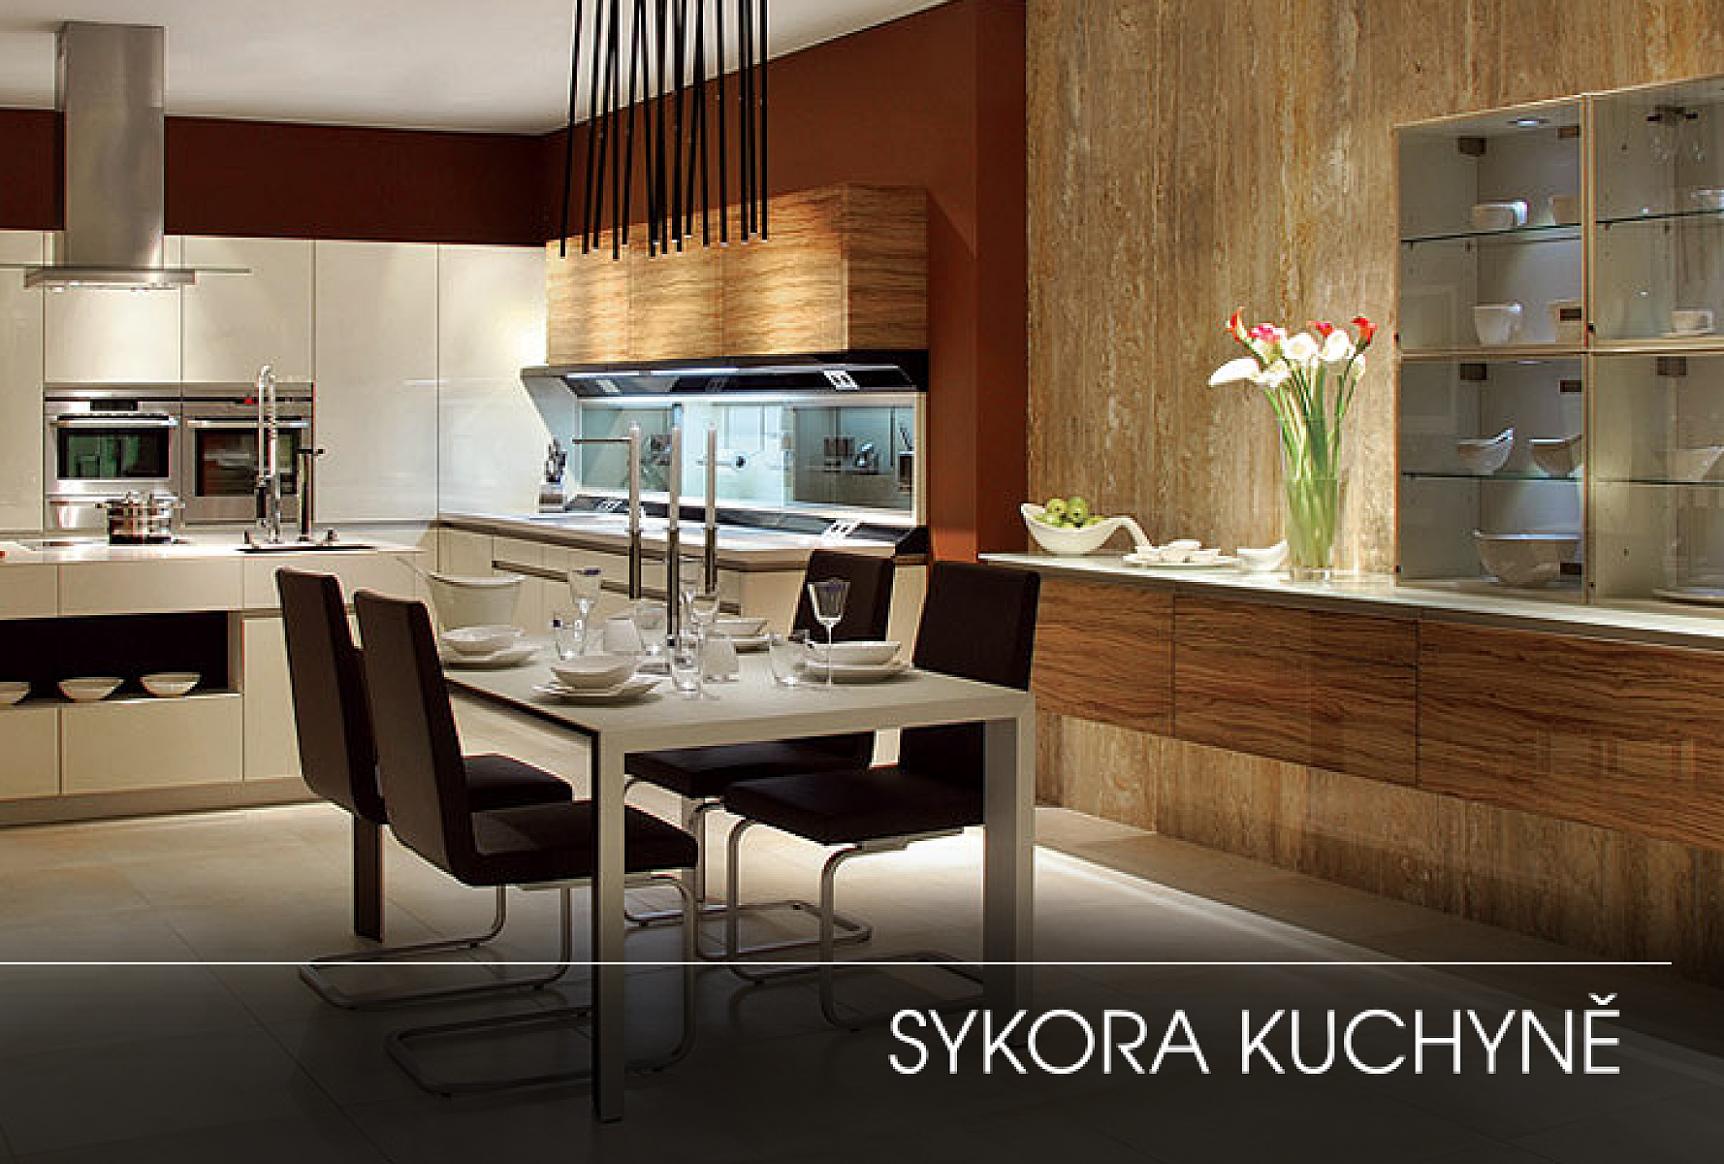 Kuchyne Sykora